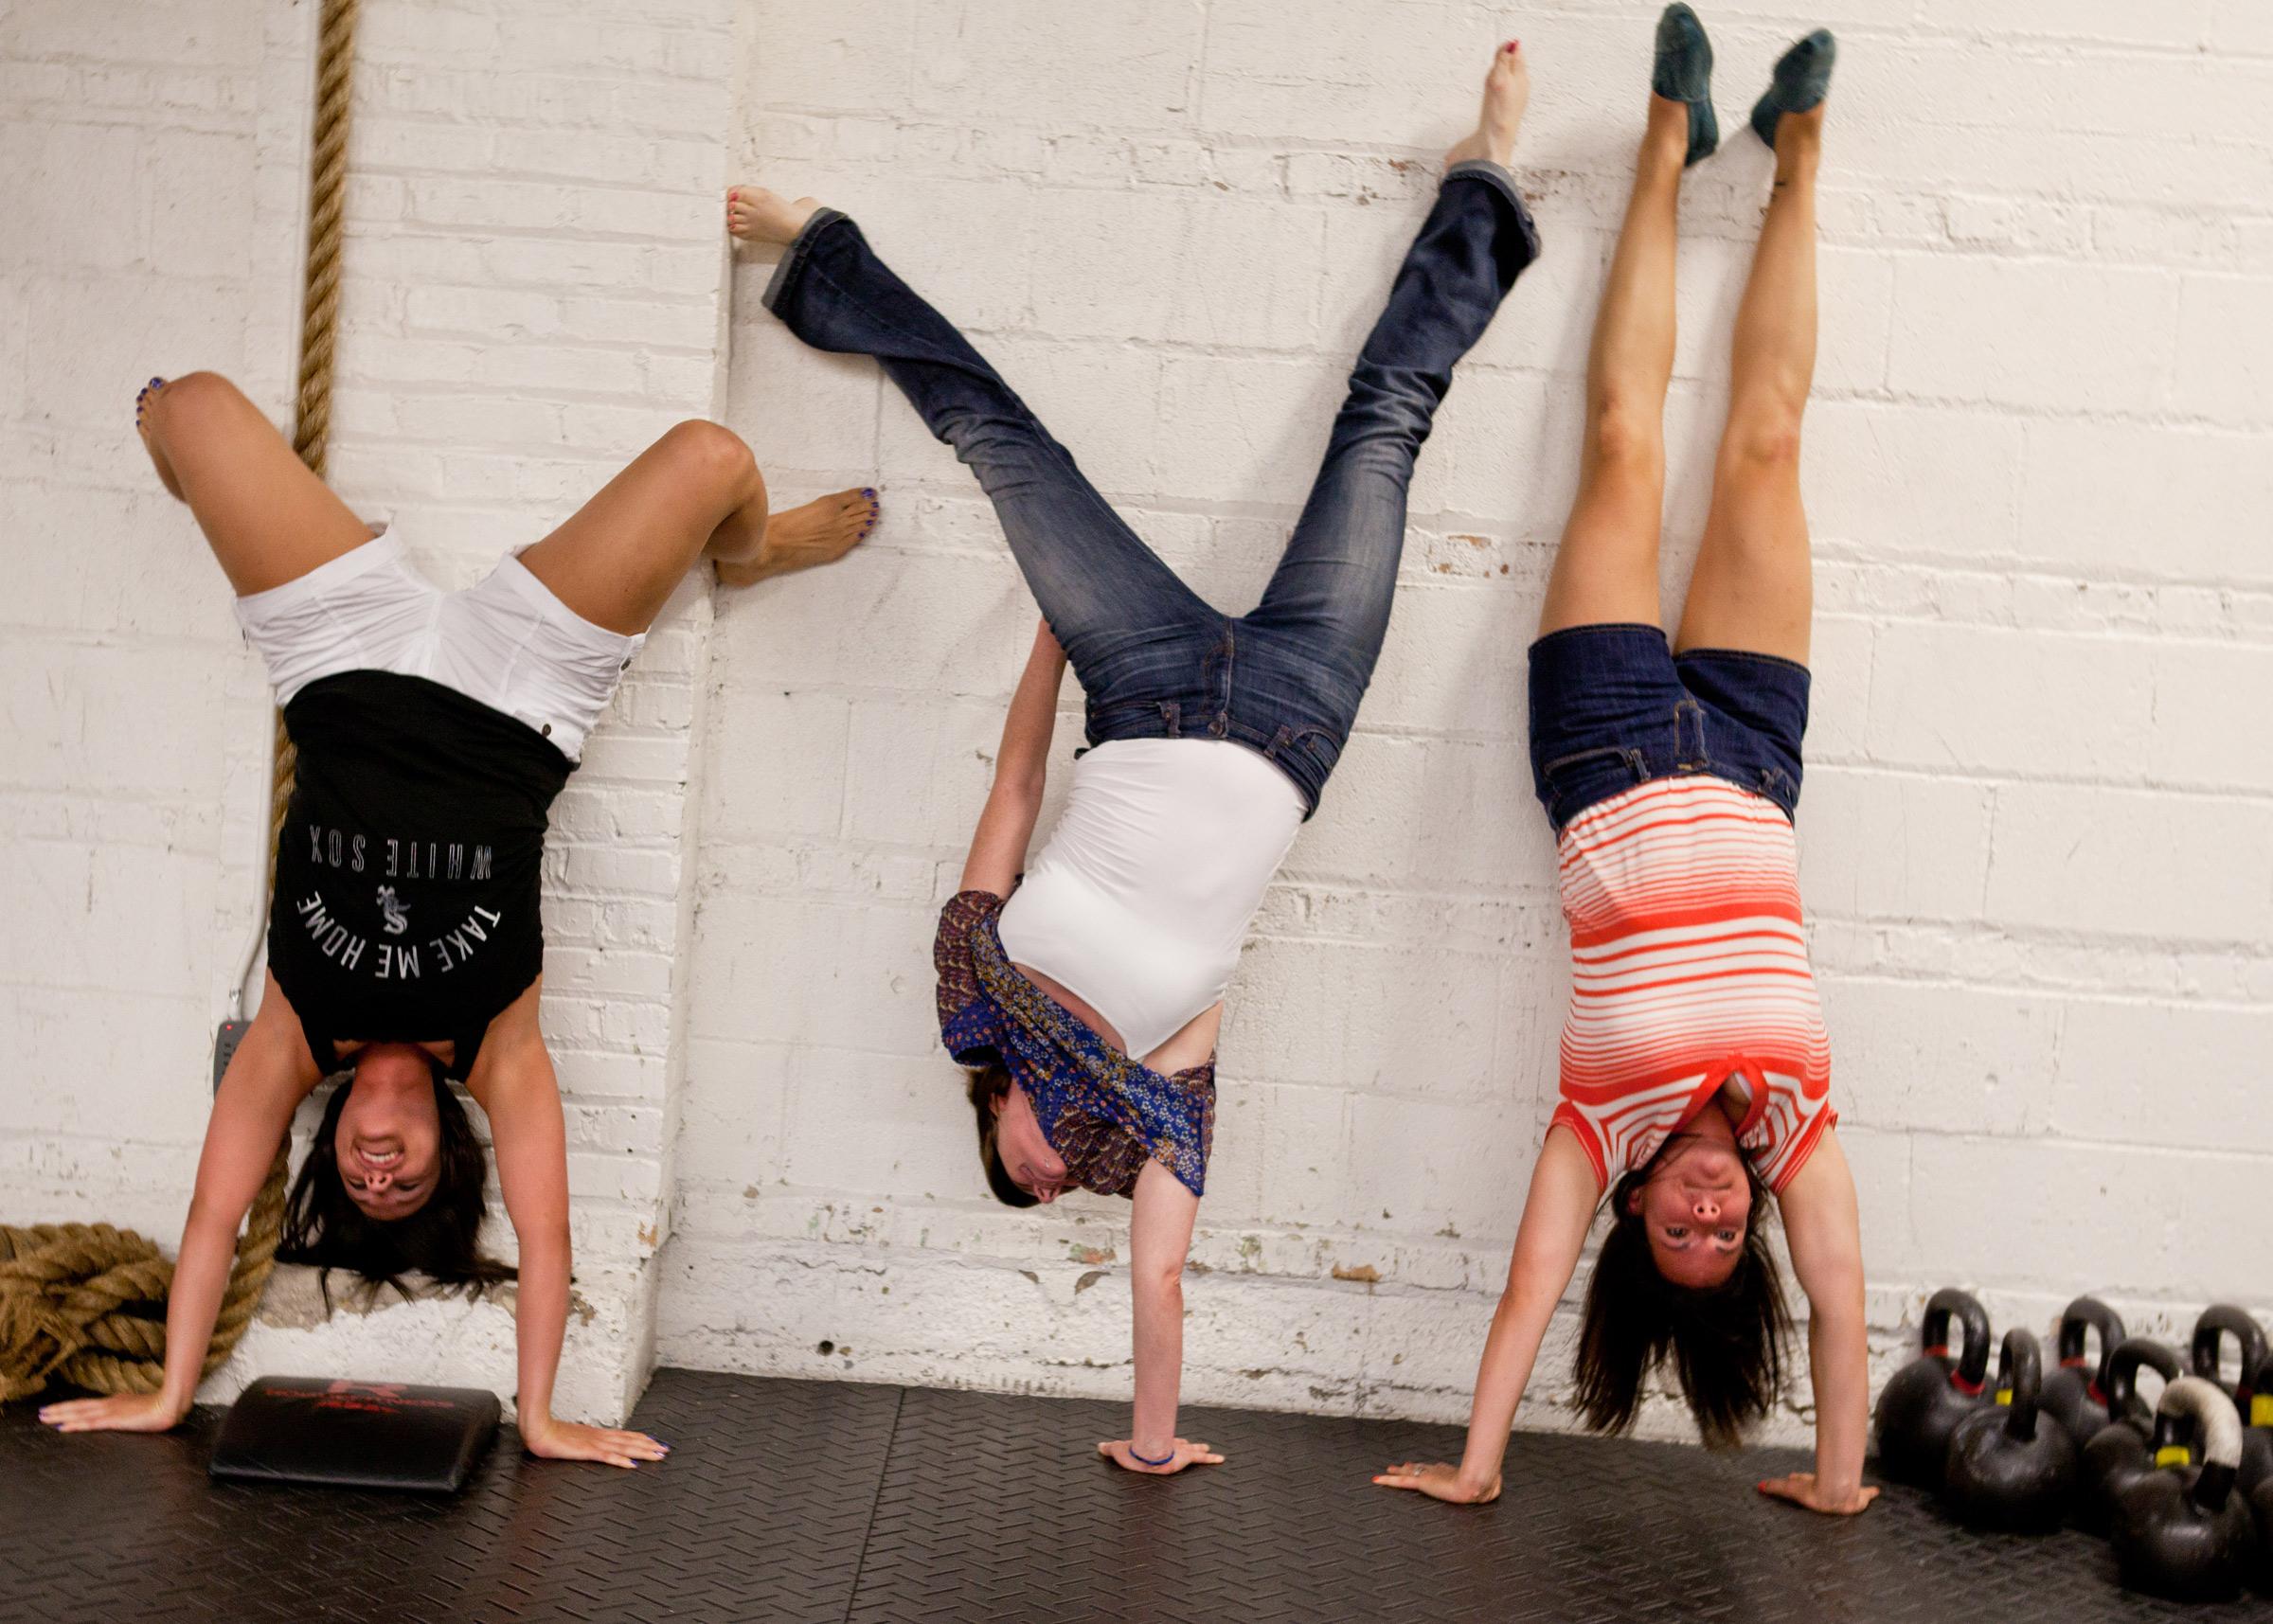 Group-Handstands